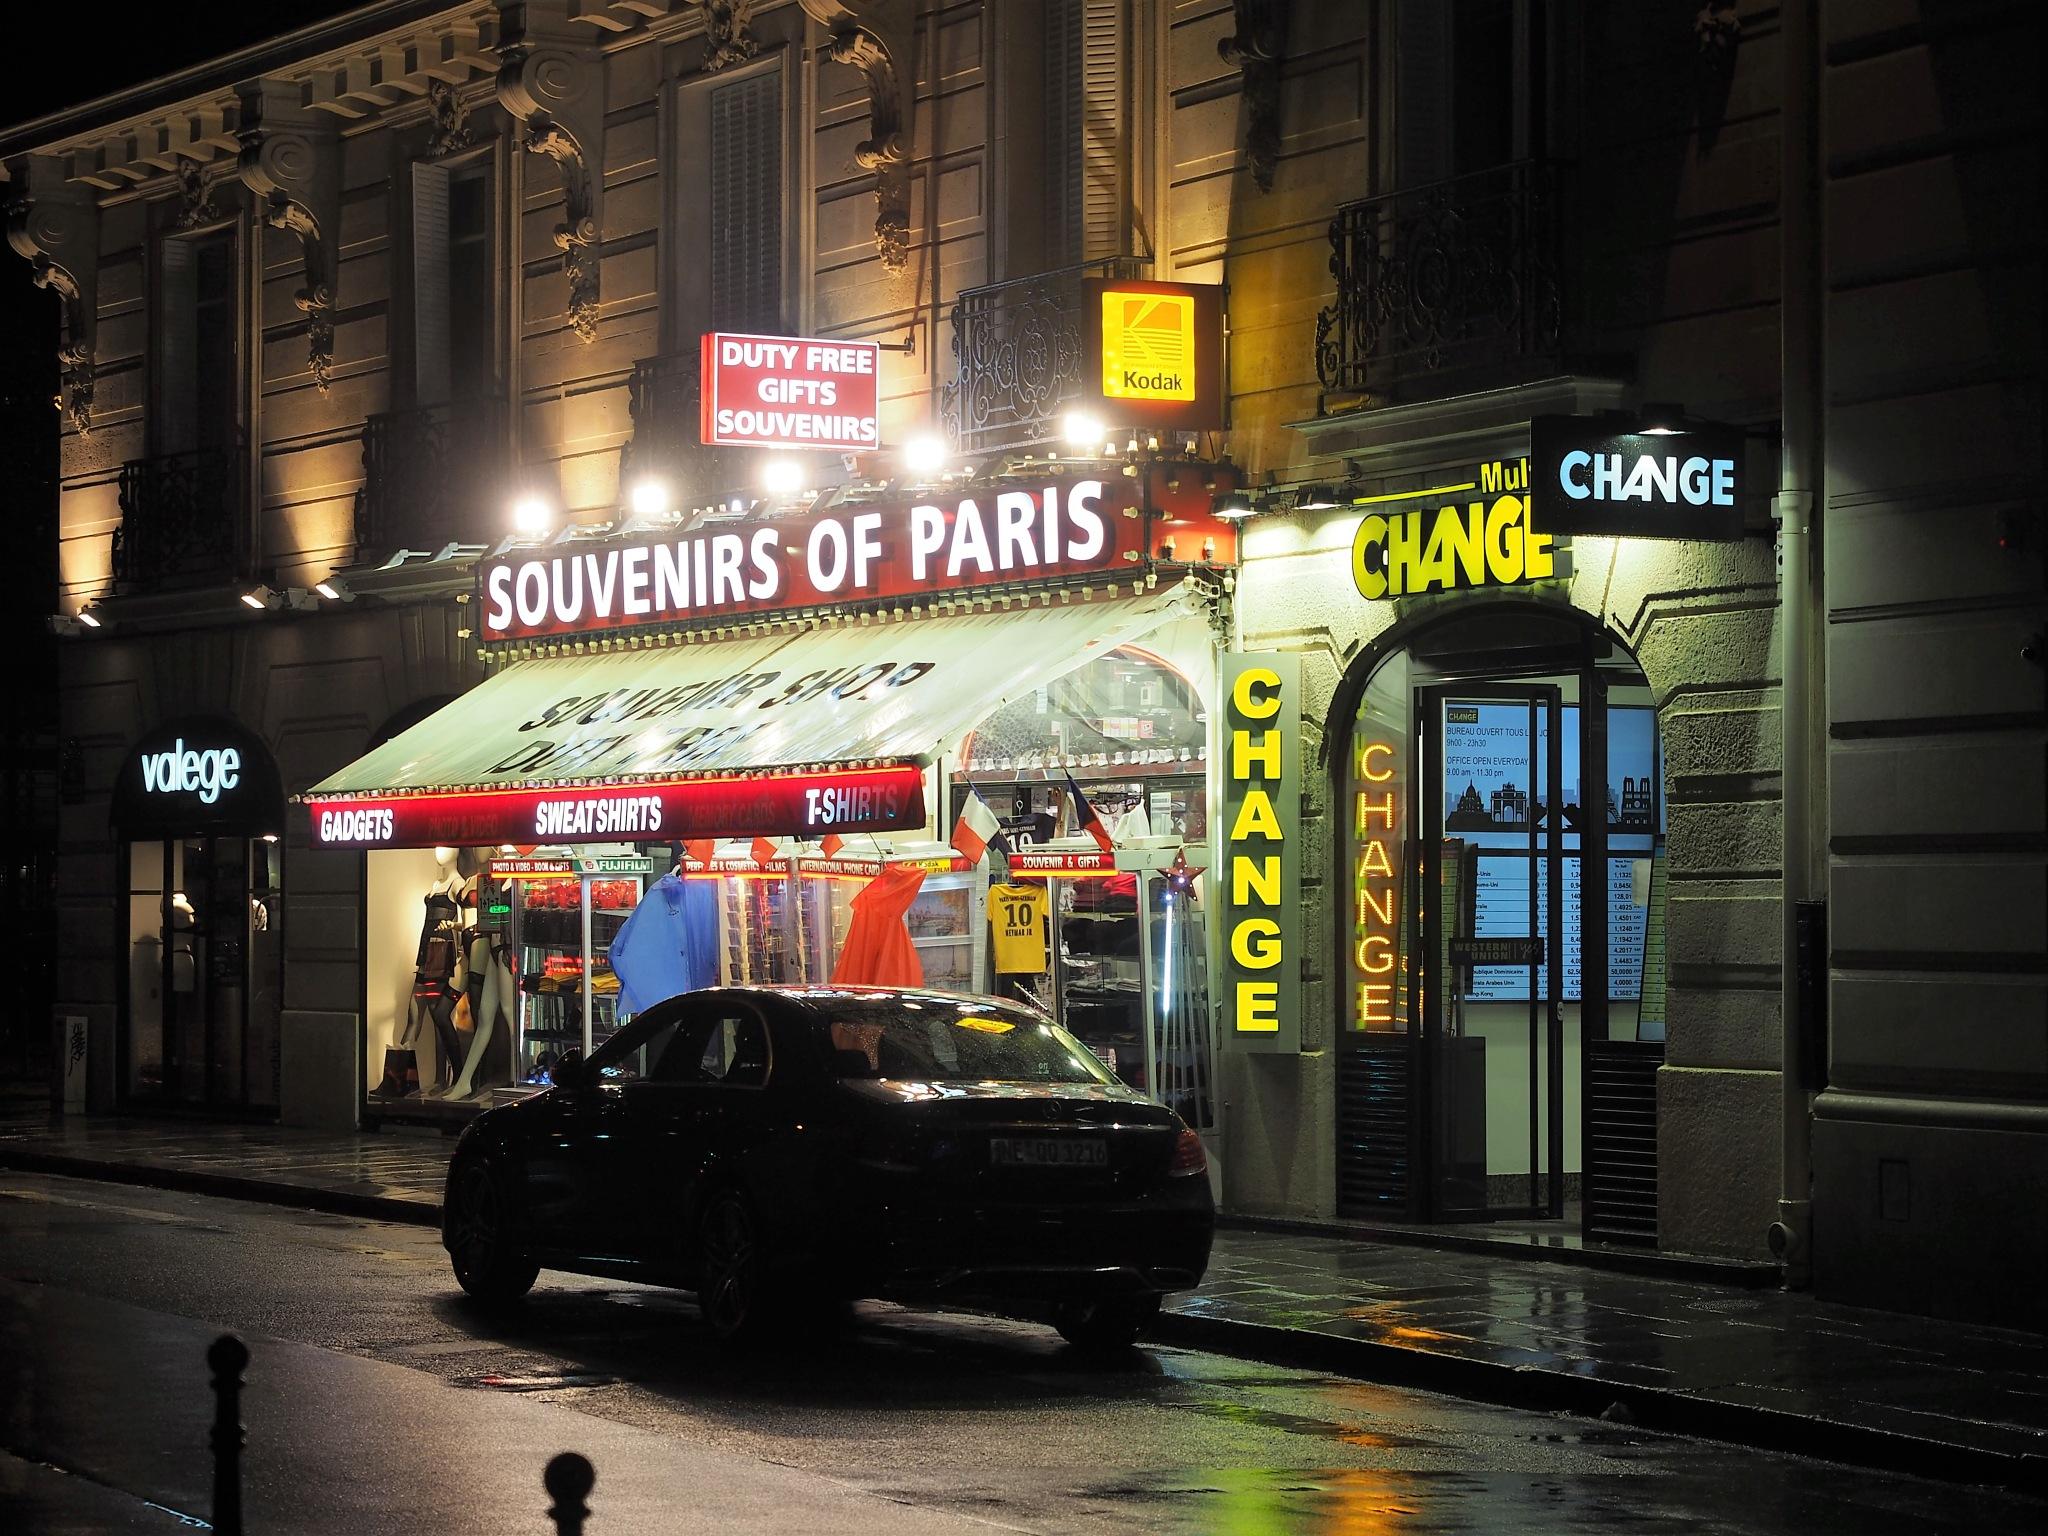 Souvenirs of Paris - Change by kallebo20